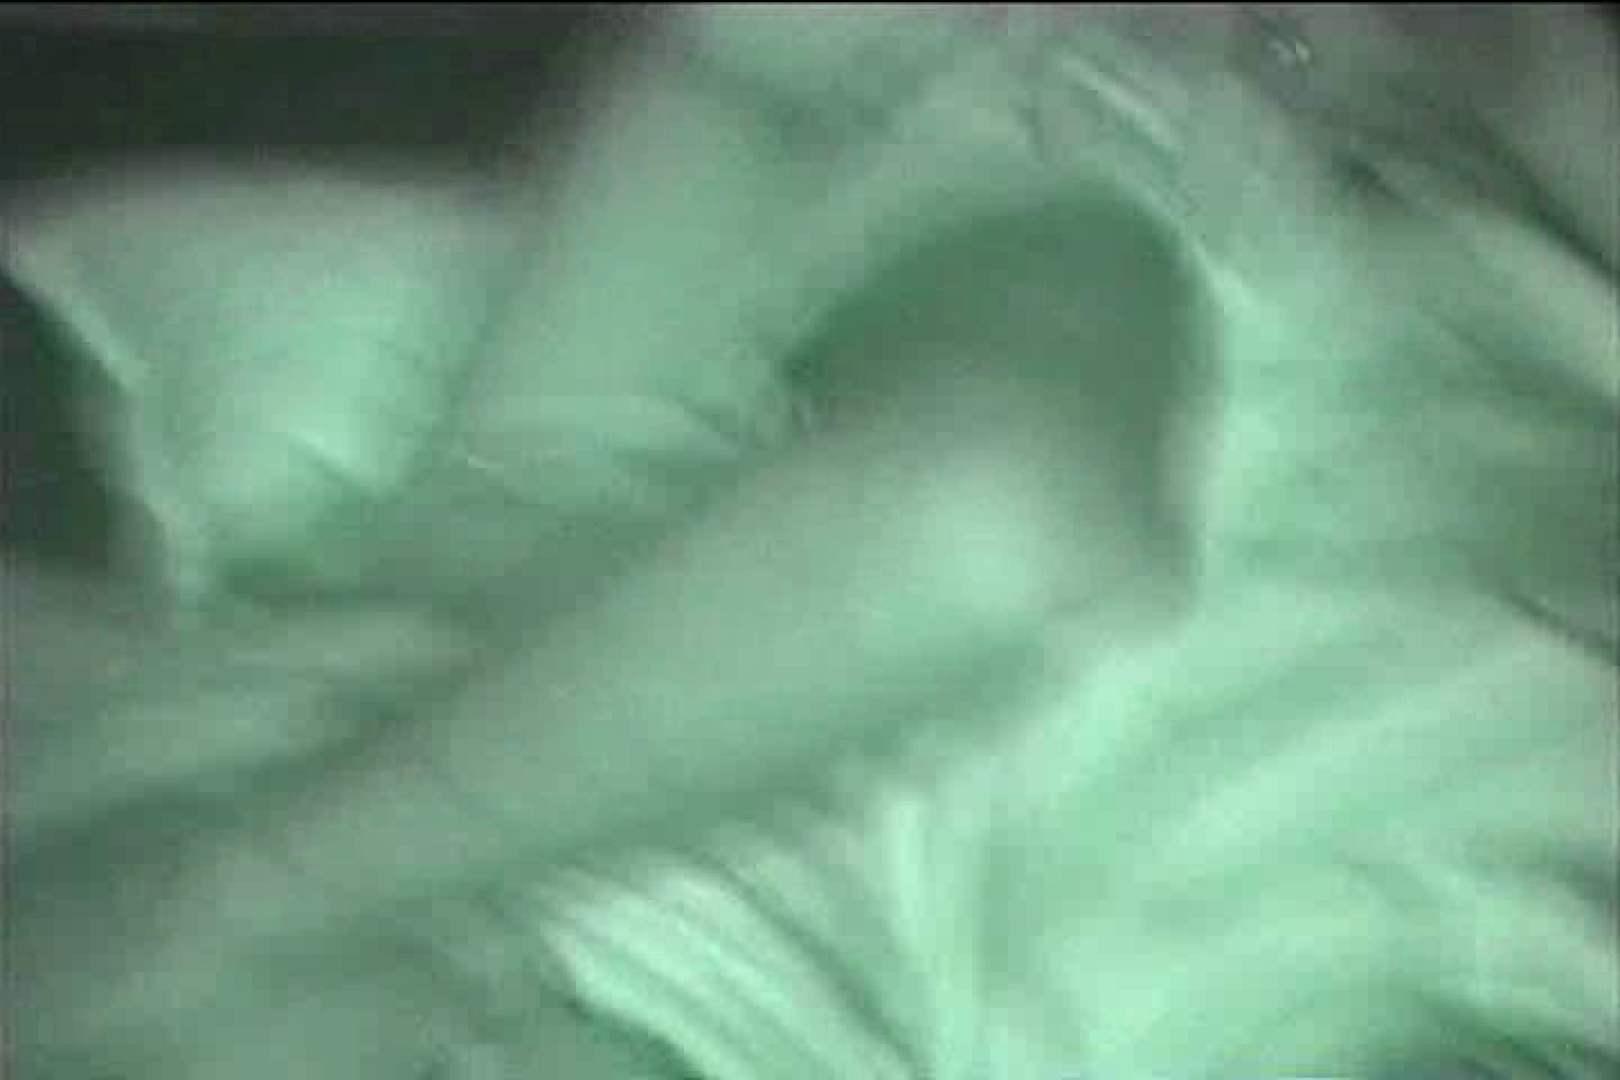 カーセックス未編集・無修正版 Vol.11 カーセックス   美しいOLの裸体  97pic 71